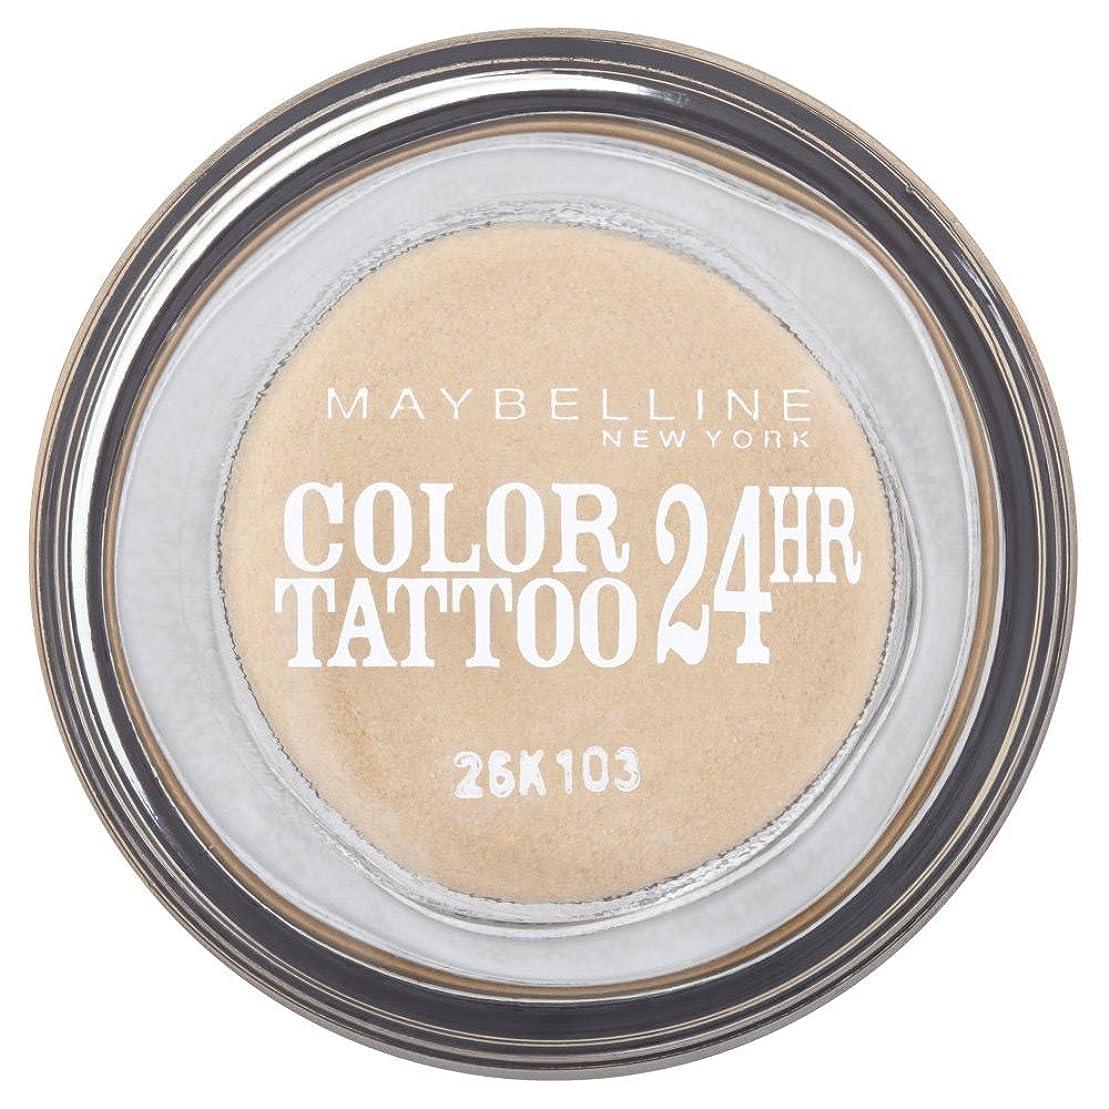 赤魔女歴史Maybelline Eye Studio Color Tattoo 24hr Eye Shadow - Eternal Gold メイベリンアイスタジオカラータトゥー24時間アイシャドウ - 永遠の金 [並行輸入品]